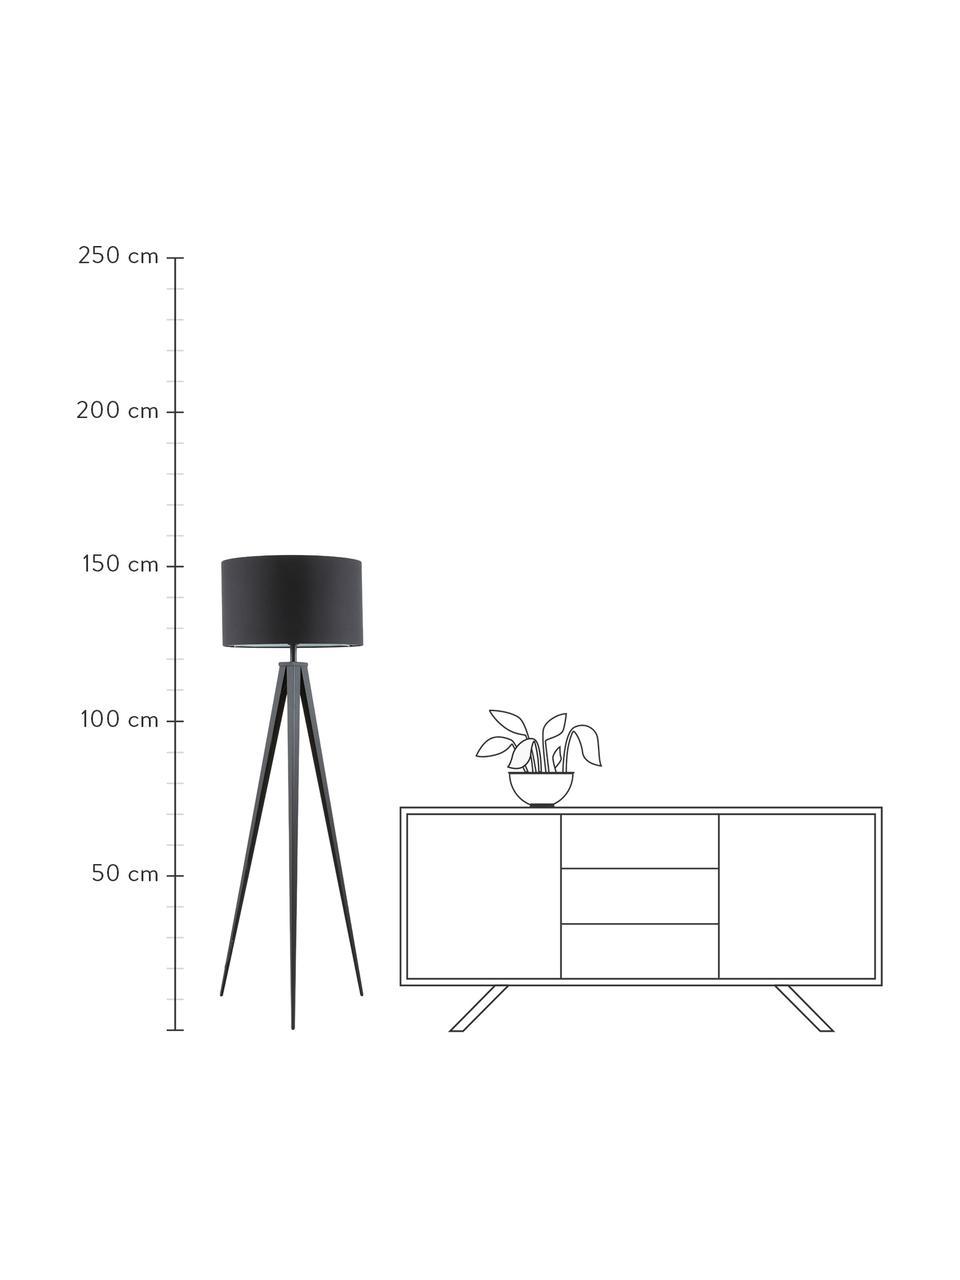 Lampa podłogowa z metalową podstawą Jake, Klosz: czarny Podstawa lampy: matowy czarny, Ø 50 x W 154 cm